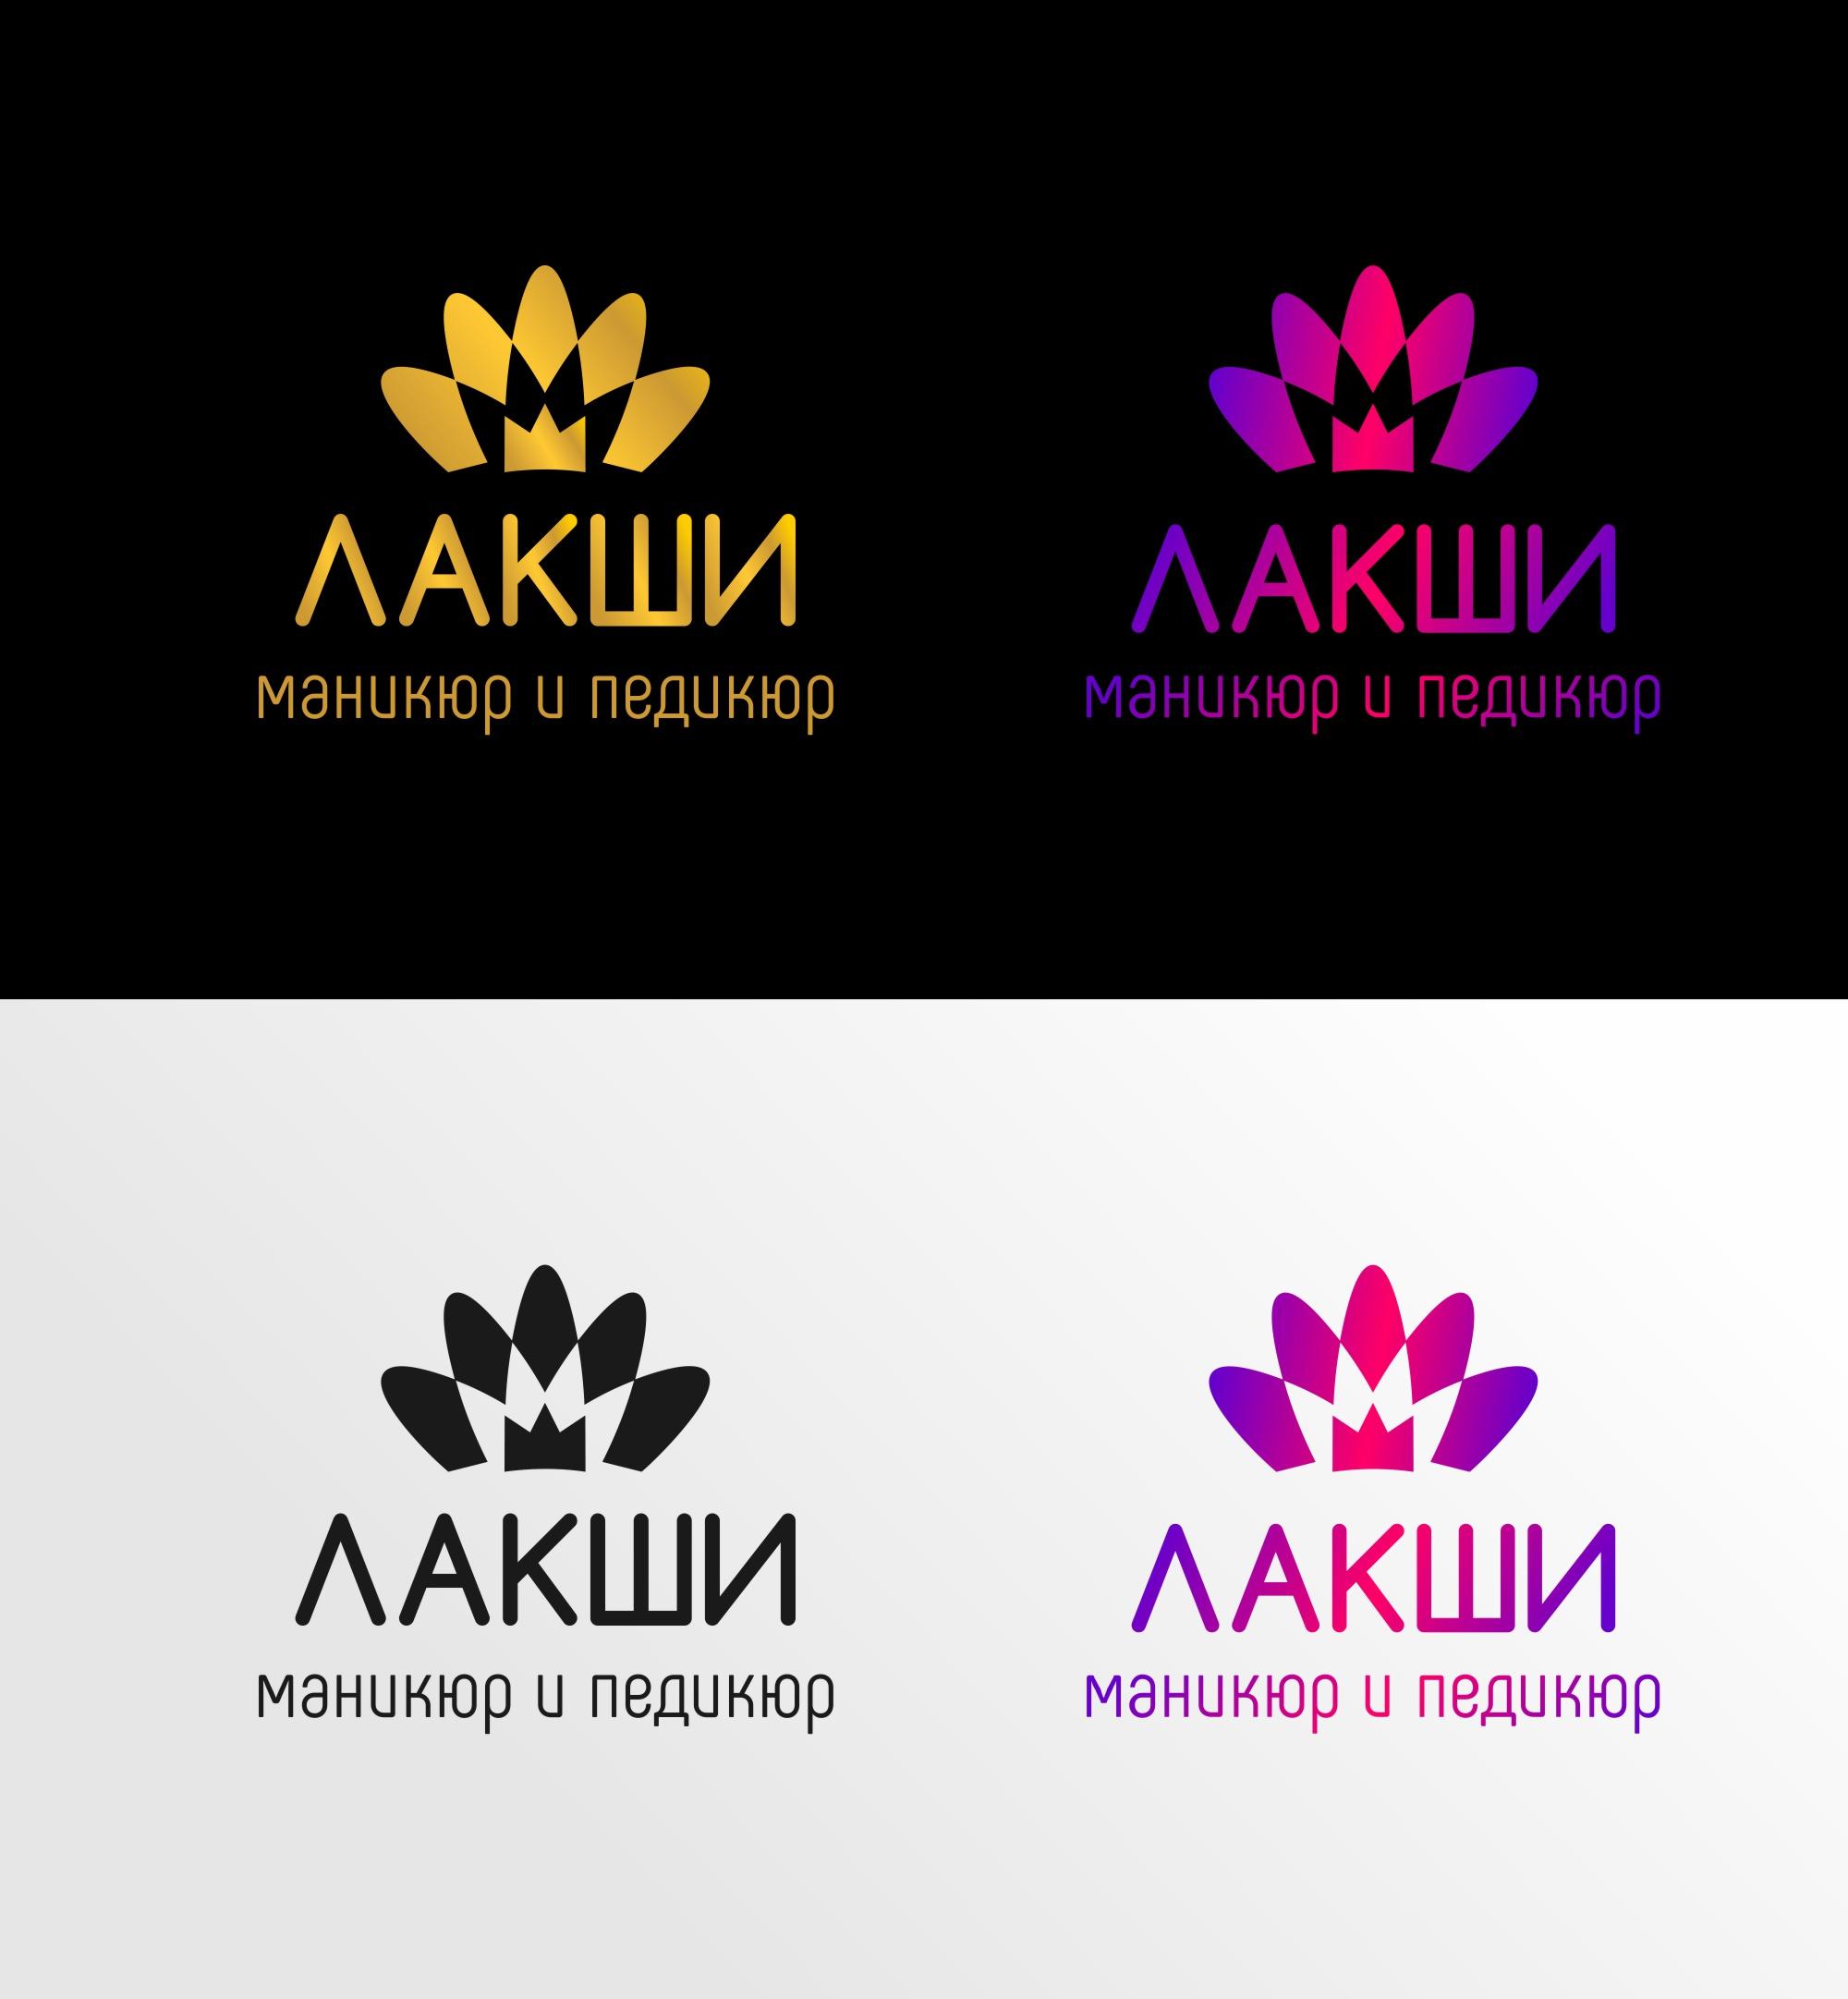 Разработка логотипа фирменного стиля фото f_5635c593da7a6135.jpg